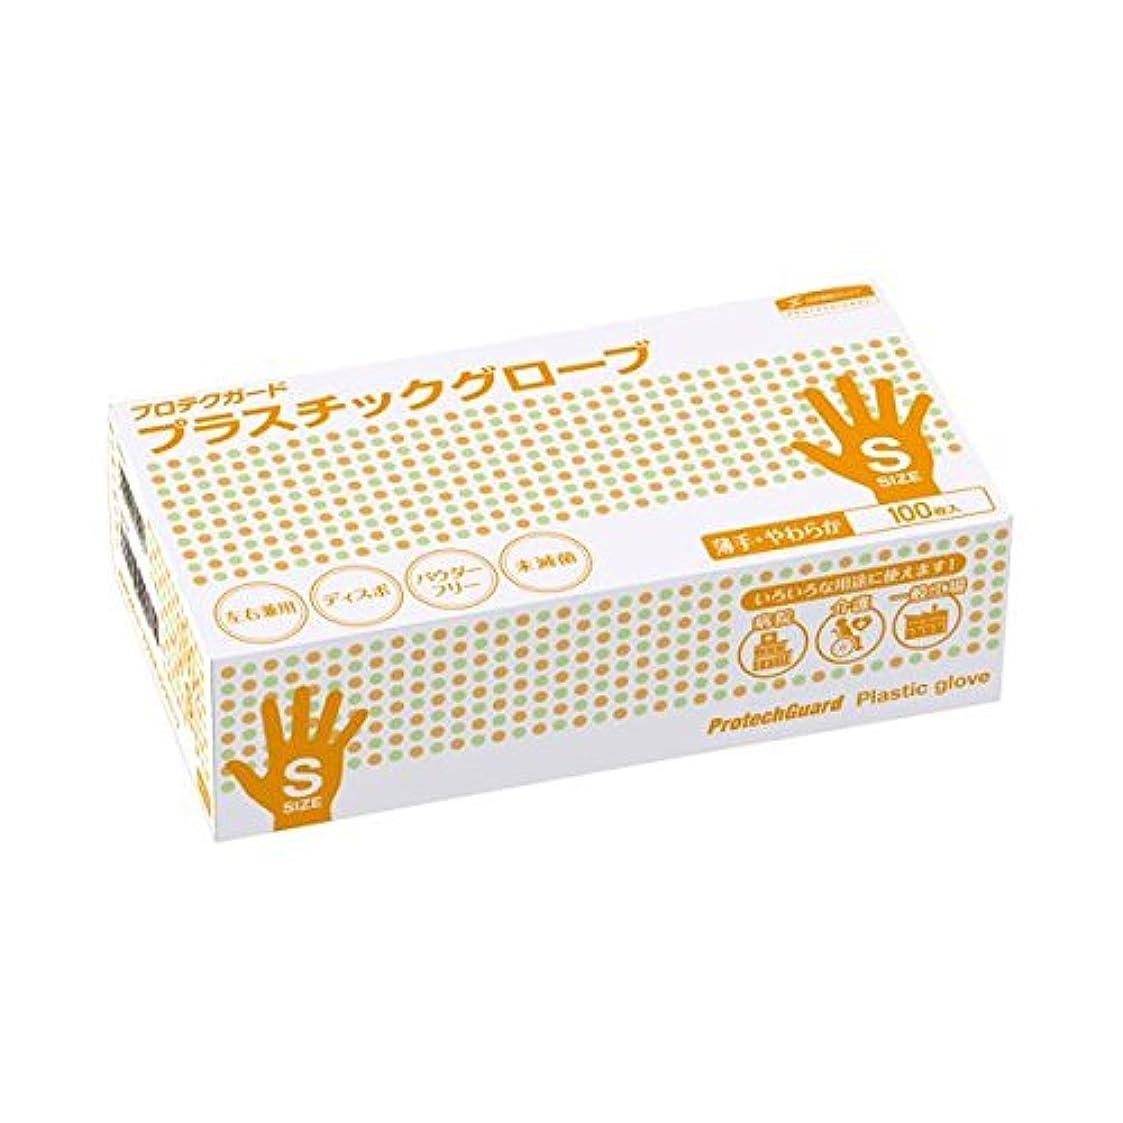 ダイヤモンド記憶私(業務用20セット) 日本製紙クレシア プロテクガード プラスチックグローブS